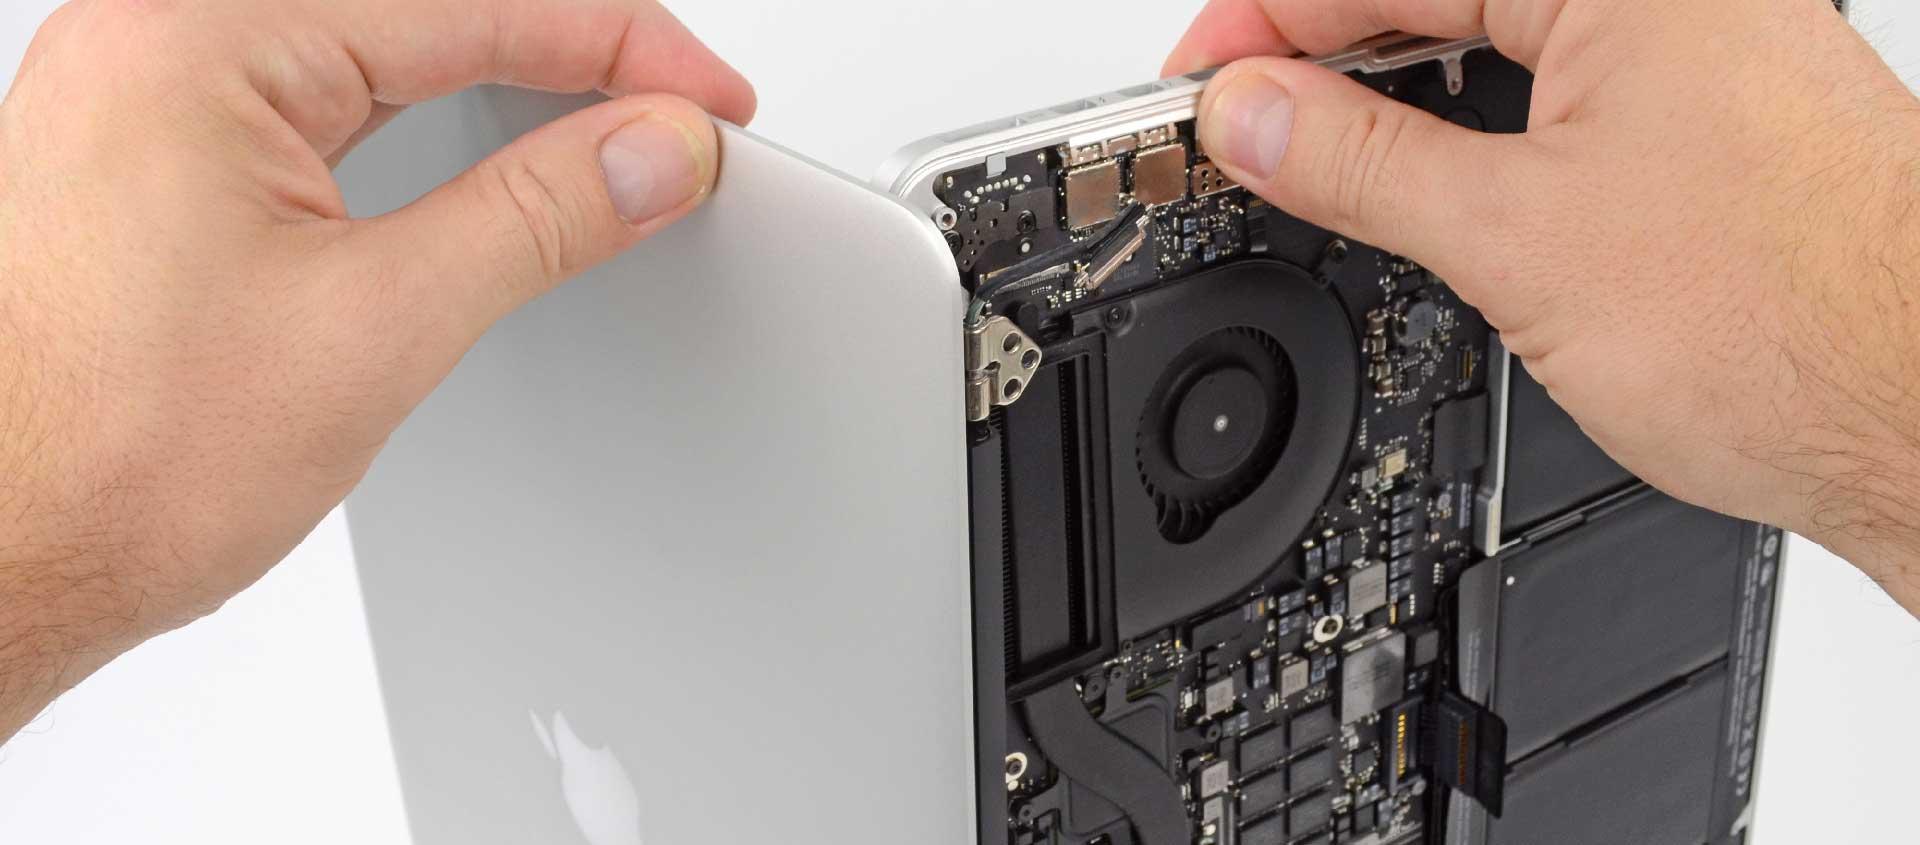 Замена TopCase на MacBook Pro Retina, замена кортуса MacBook Pro Retina